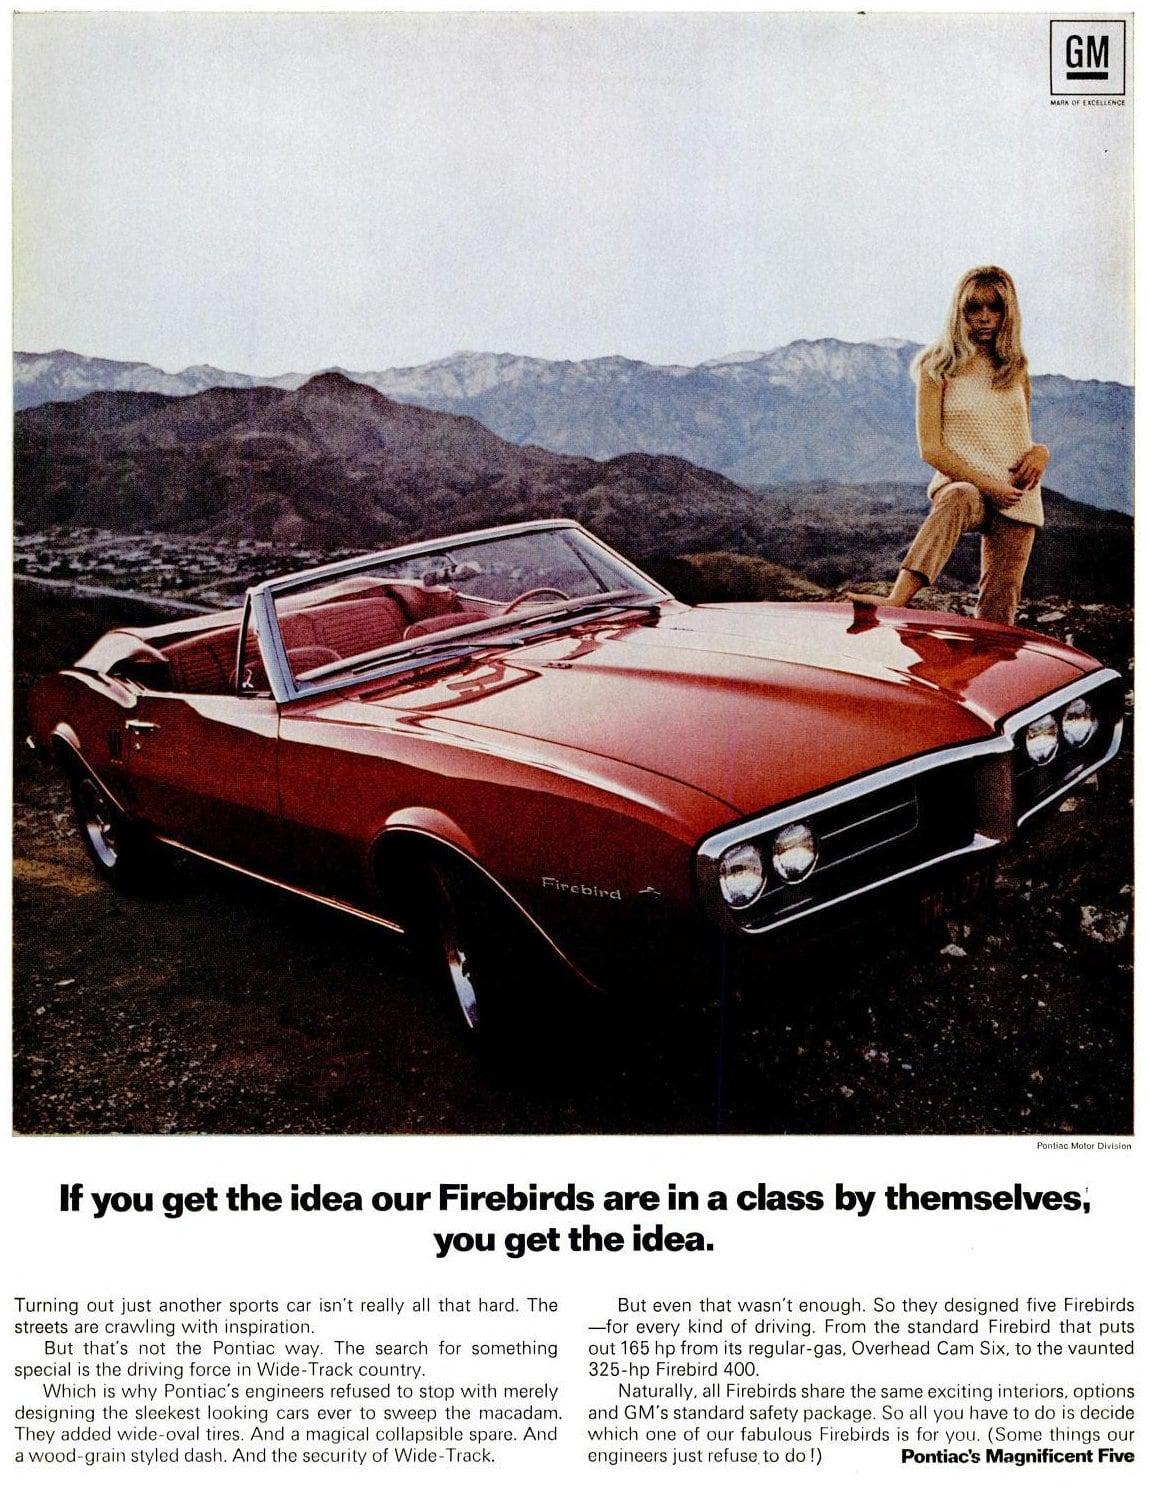 Jun 16, 1967 Pontiac Firebird cars